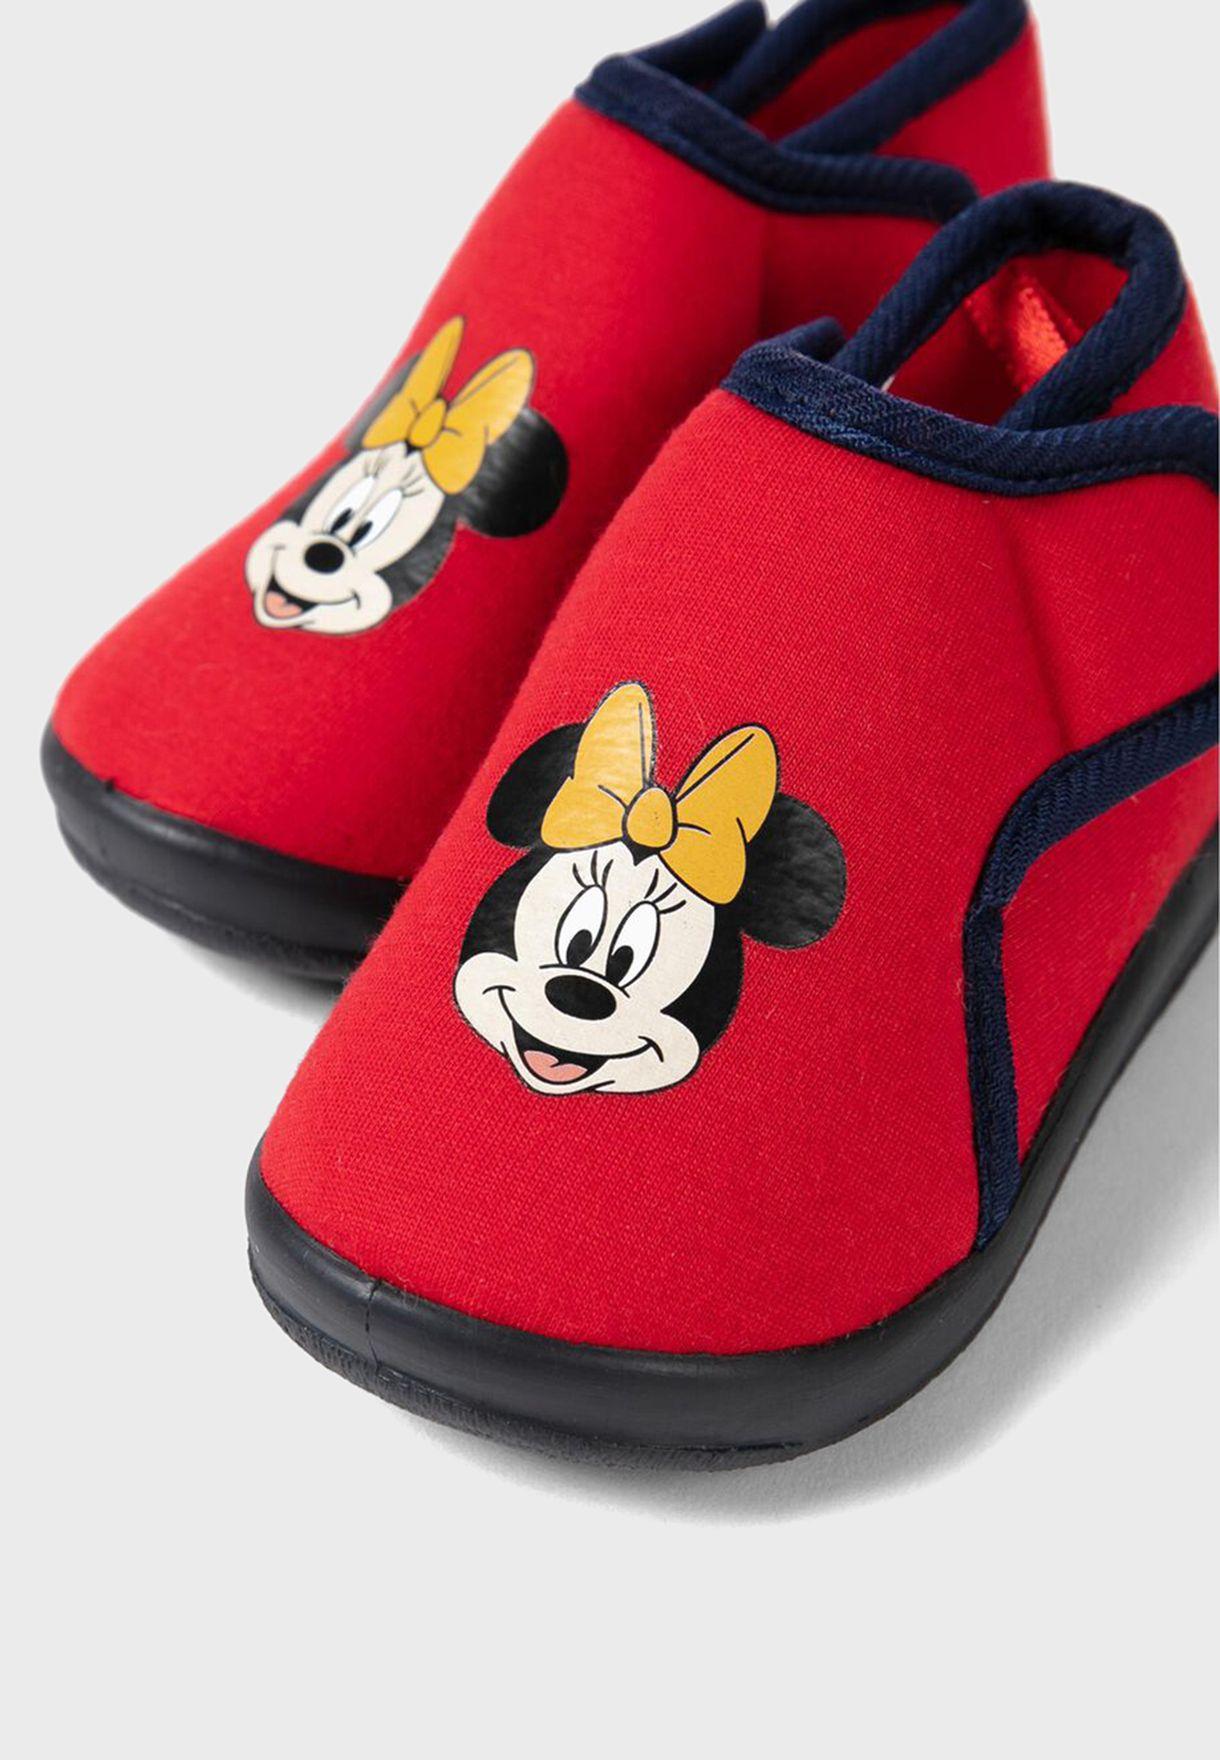 حذاء ميني ماوس للبيبي